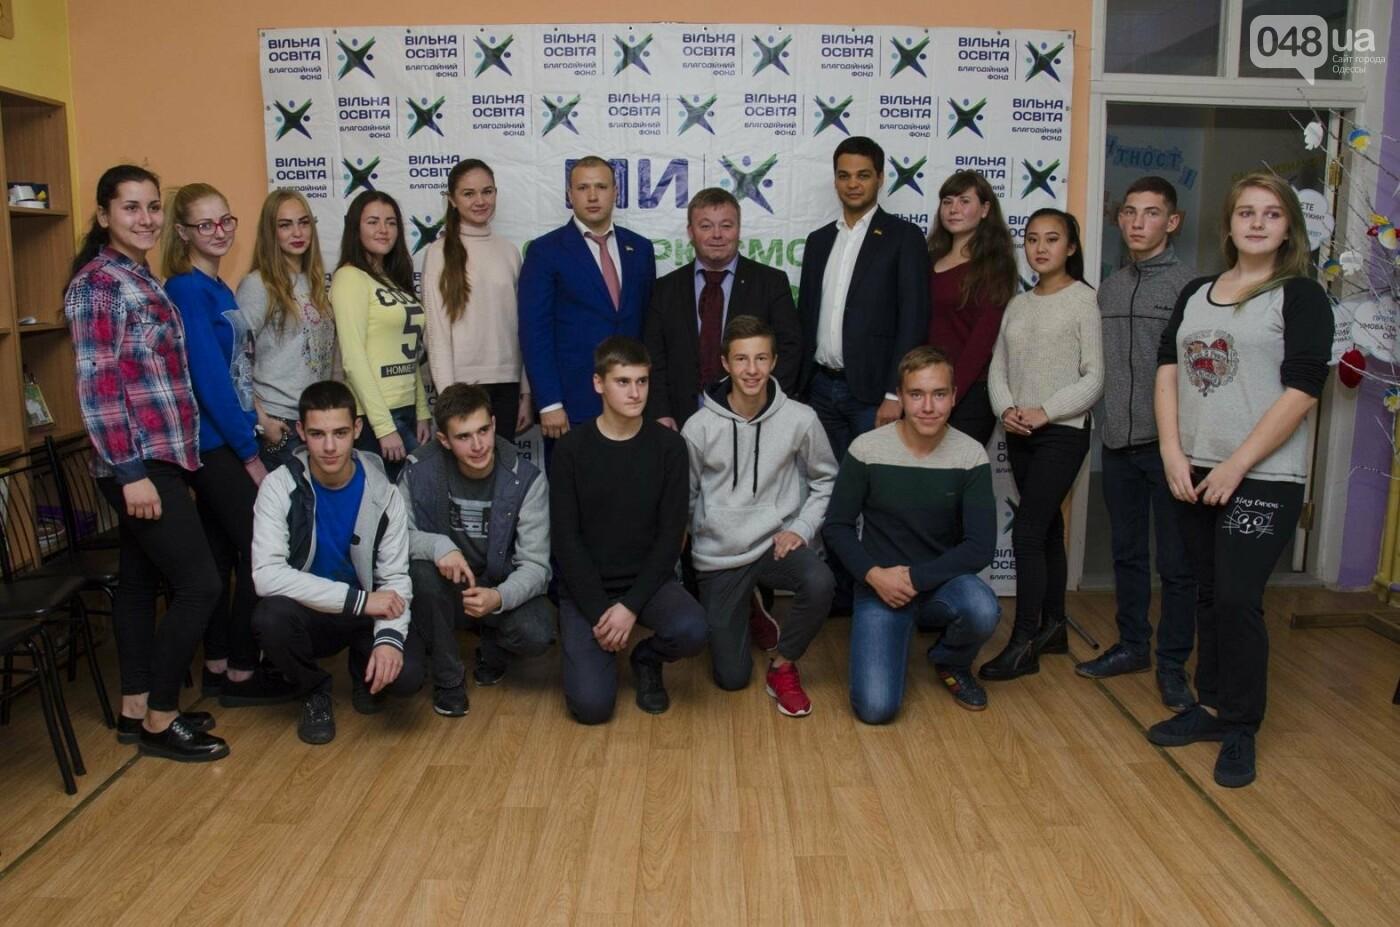 Одесские образовательные проекты заинтересовали европейцев, фото-1